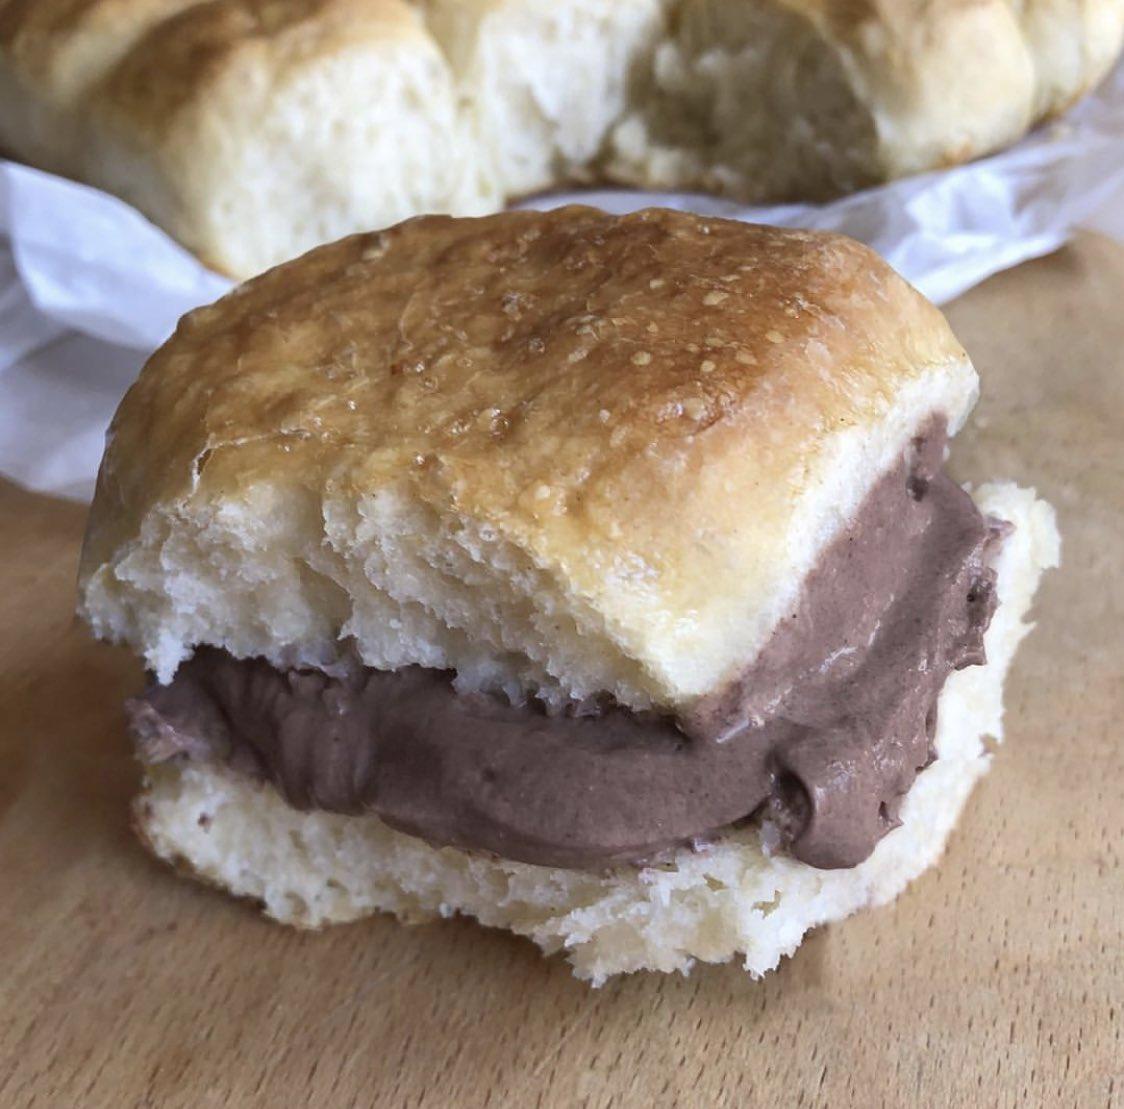 Bollito Spongy con Cremoso 🤤❤️Un bollito super esponjoso que relleno de crema casera de chocolate puuf! 😱Con 1 ingrediente que ni imaginas y lo tienes en casa ... Muy mortal! 😍  RECETA 👉🏼 https://t.co/WBtNQLyFvA https://t.co/YyTsIPXwfU #receta https://t.co/FdgB5lRUwS